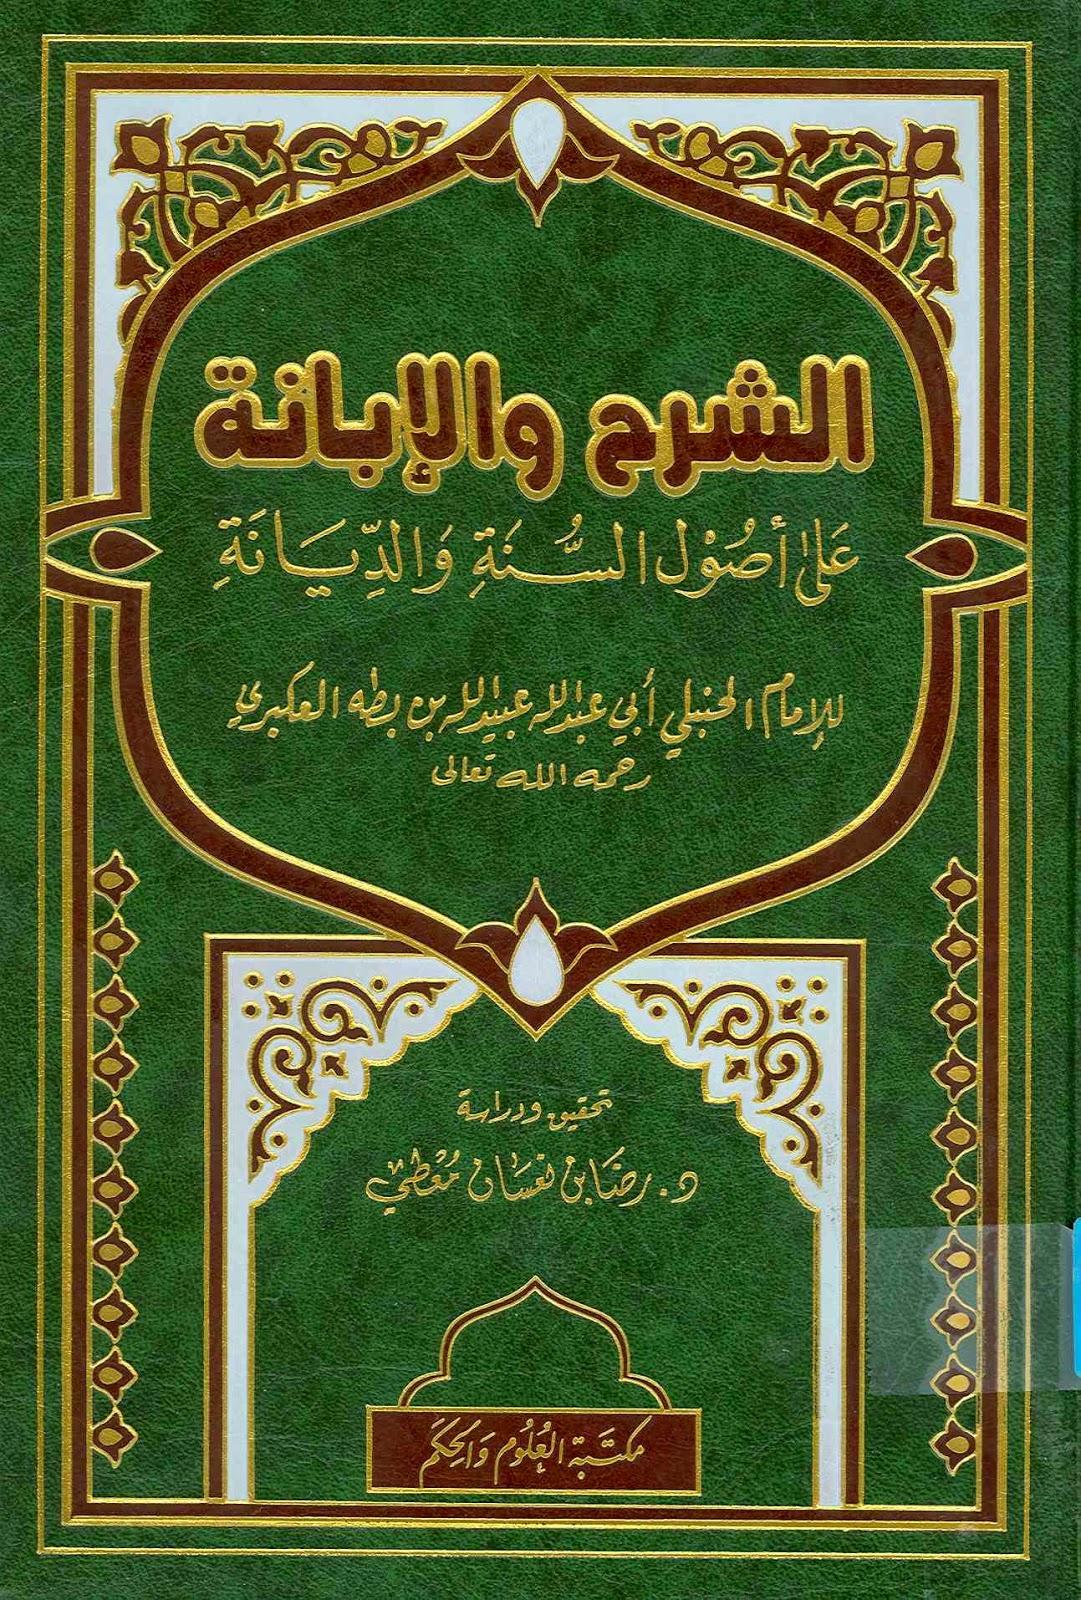 الشرح والإبانة على أصول السنة والديانة - الإمام بن بطة العكبري